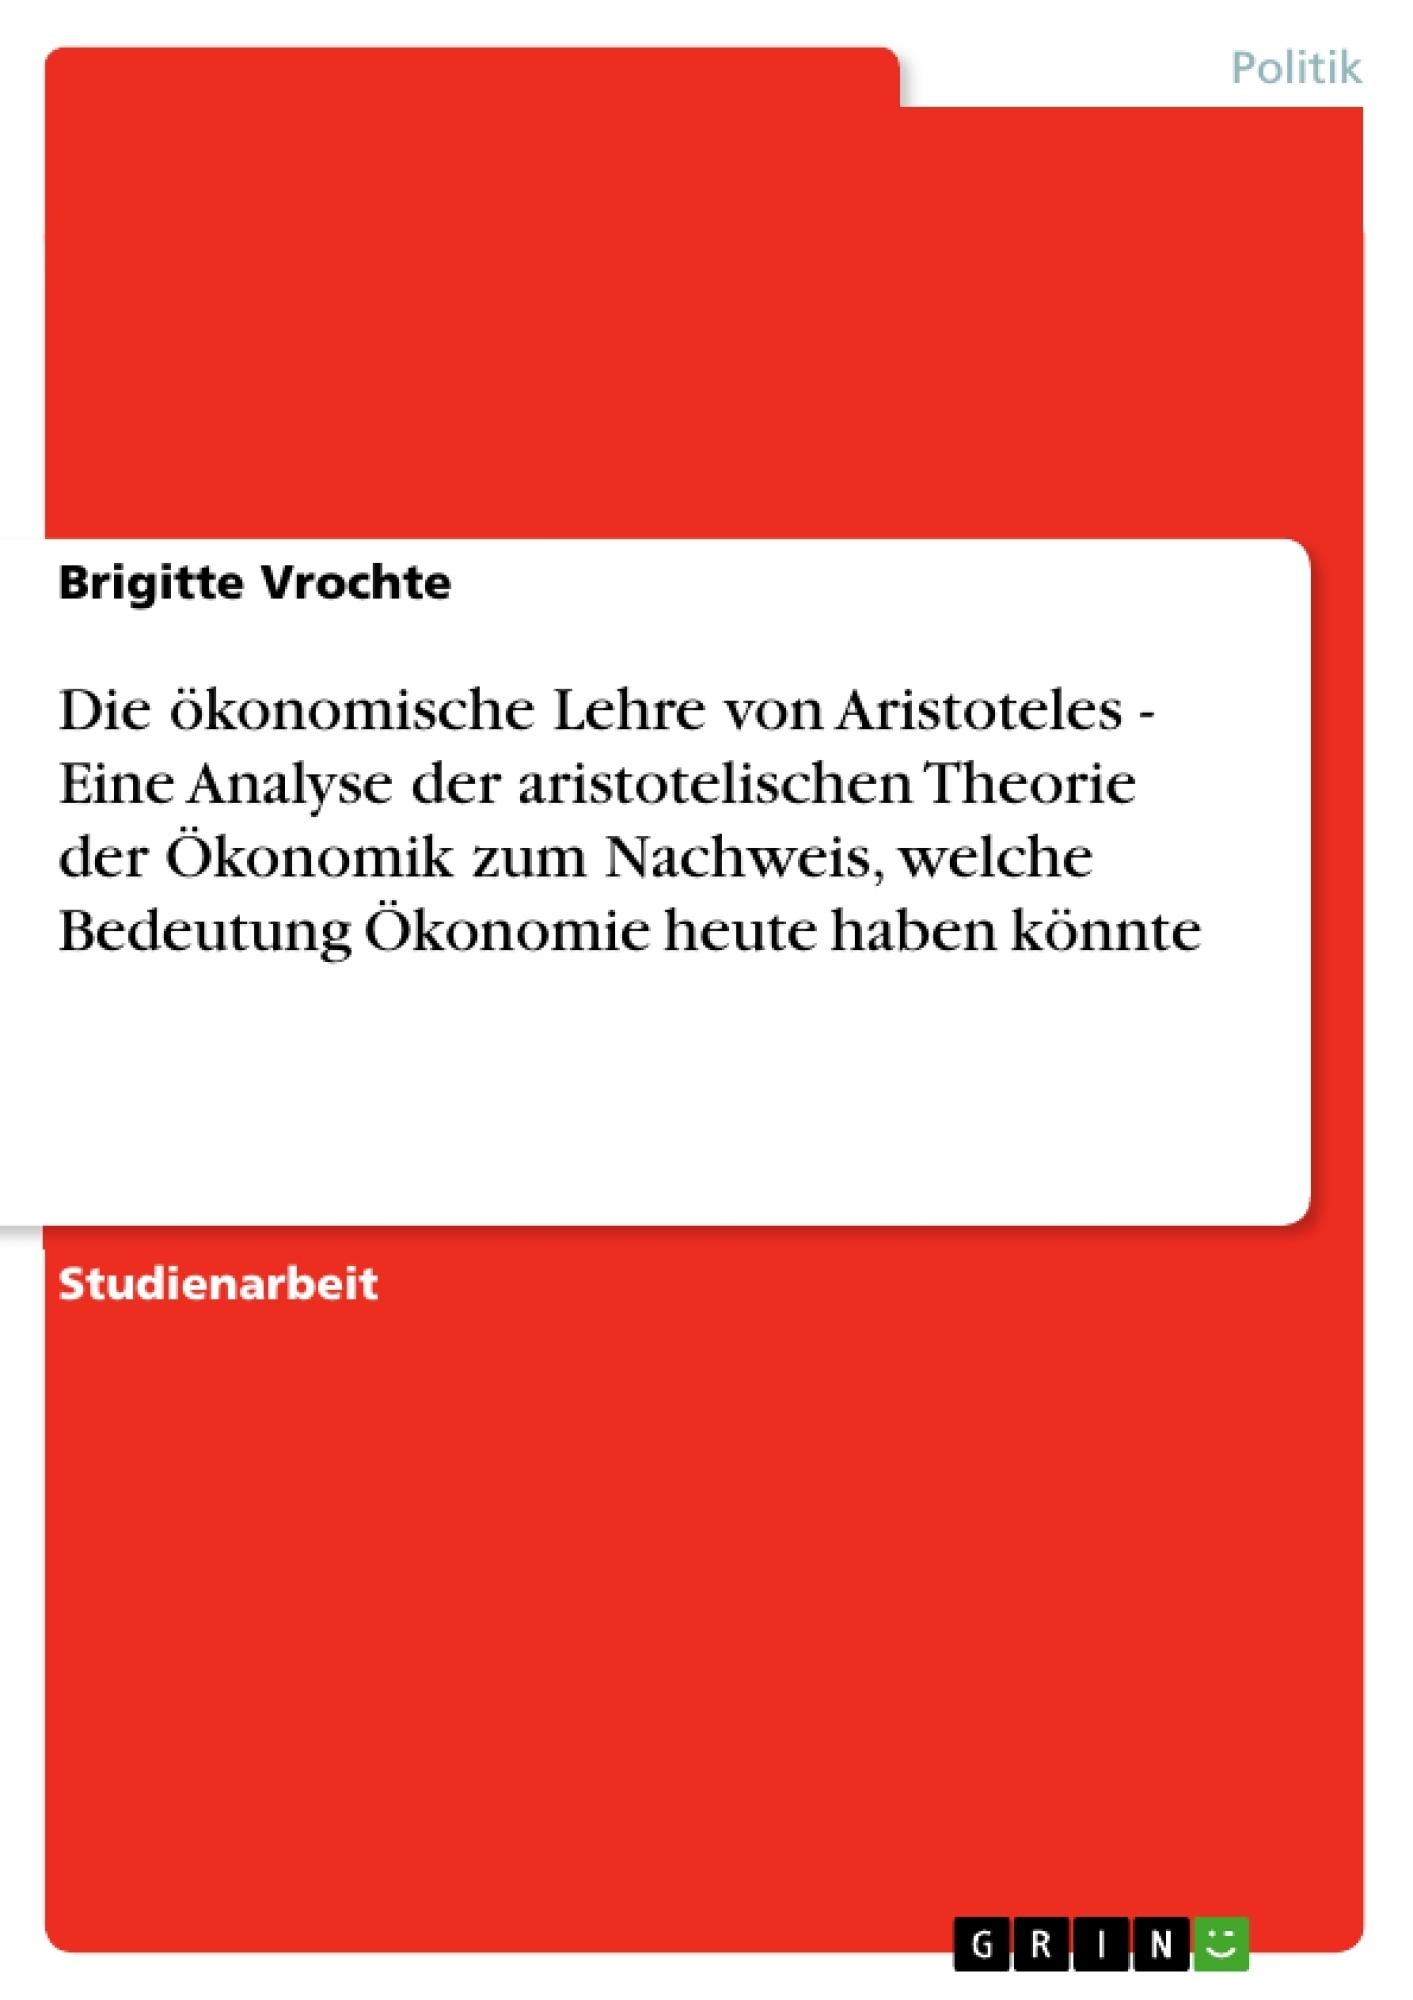 Titel: Die ökonomische Lehre von Aristoteles - Eine Analyse der aristotelischen Theorie der Ökonomik zum Nachweis, welche Bedeutung Ökonomie heute haben könnte